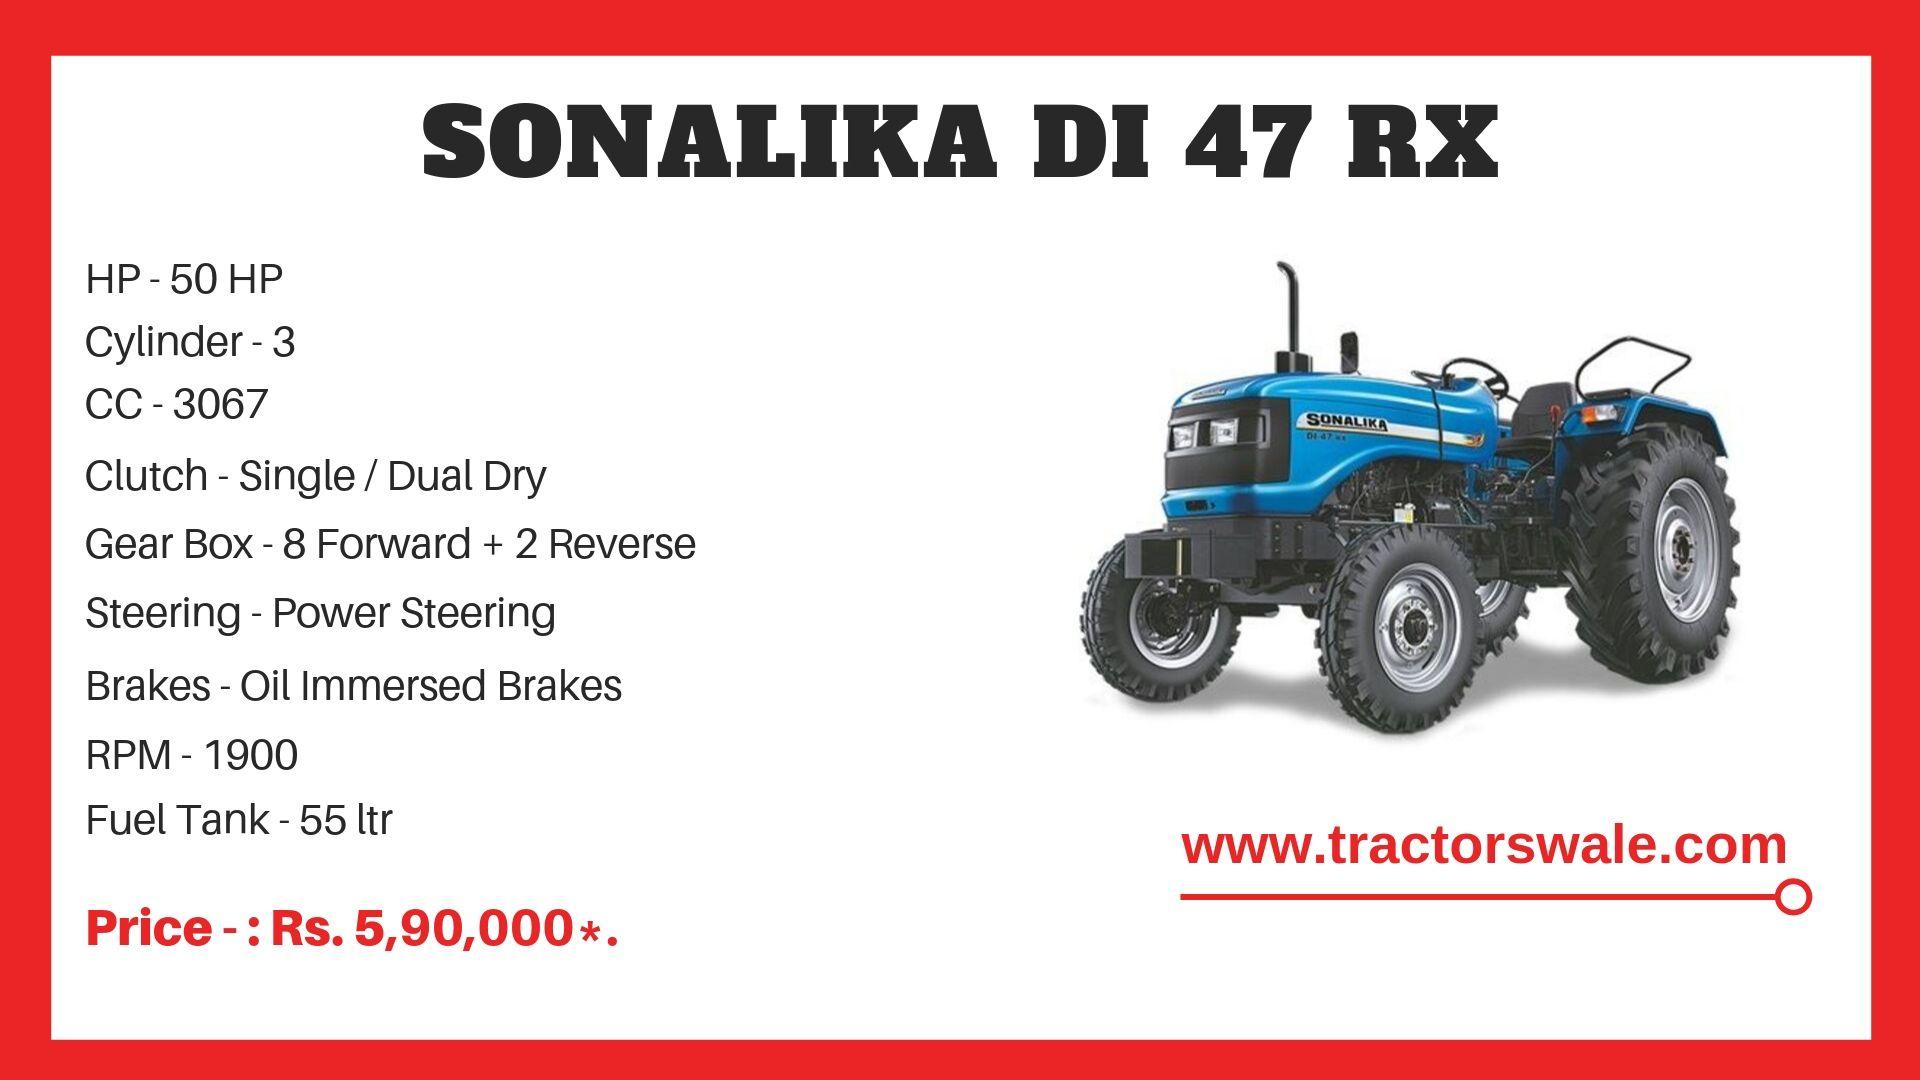 Sonalika DI 47 RX tractor specs